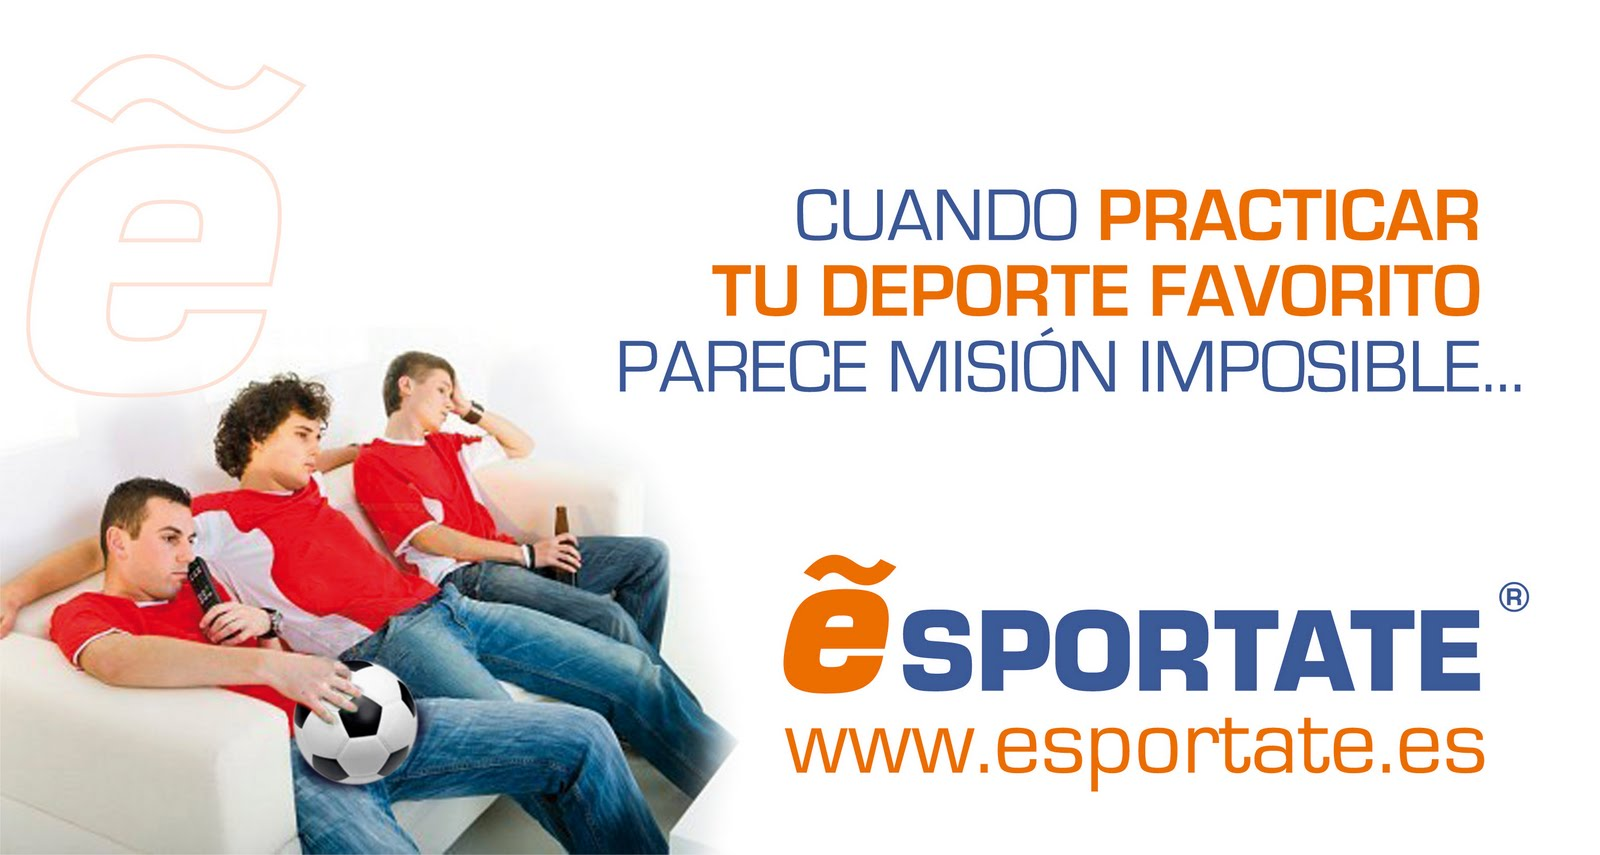 Esportate quiere que sus usuarios pasen a la acción haciendo deporte.